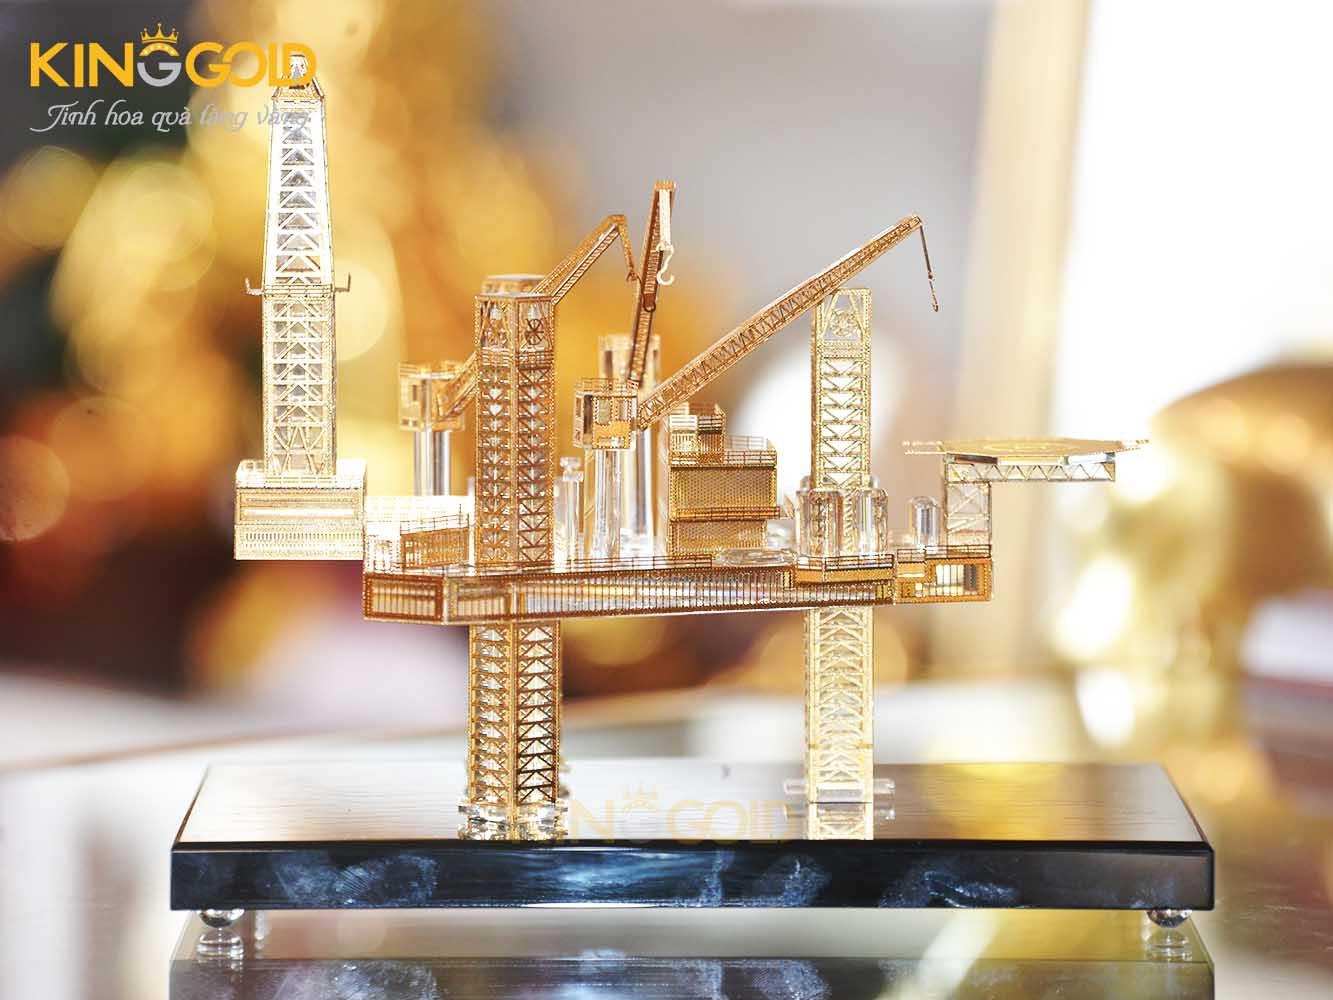 Quà tặng sếp ngành dầu khí - Mô hình giàn khoan mạ vàng 24k